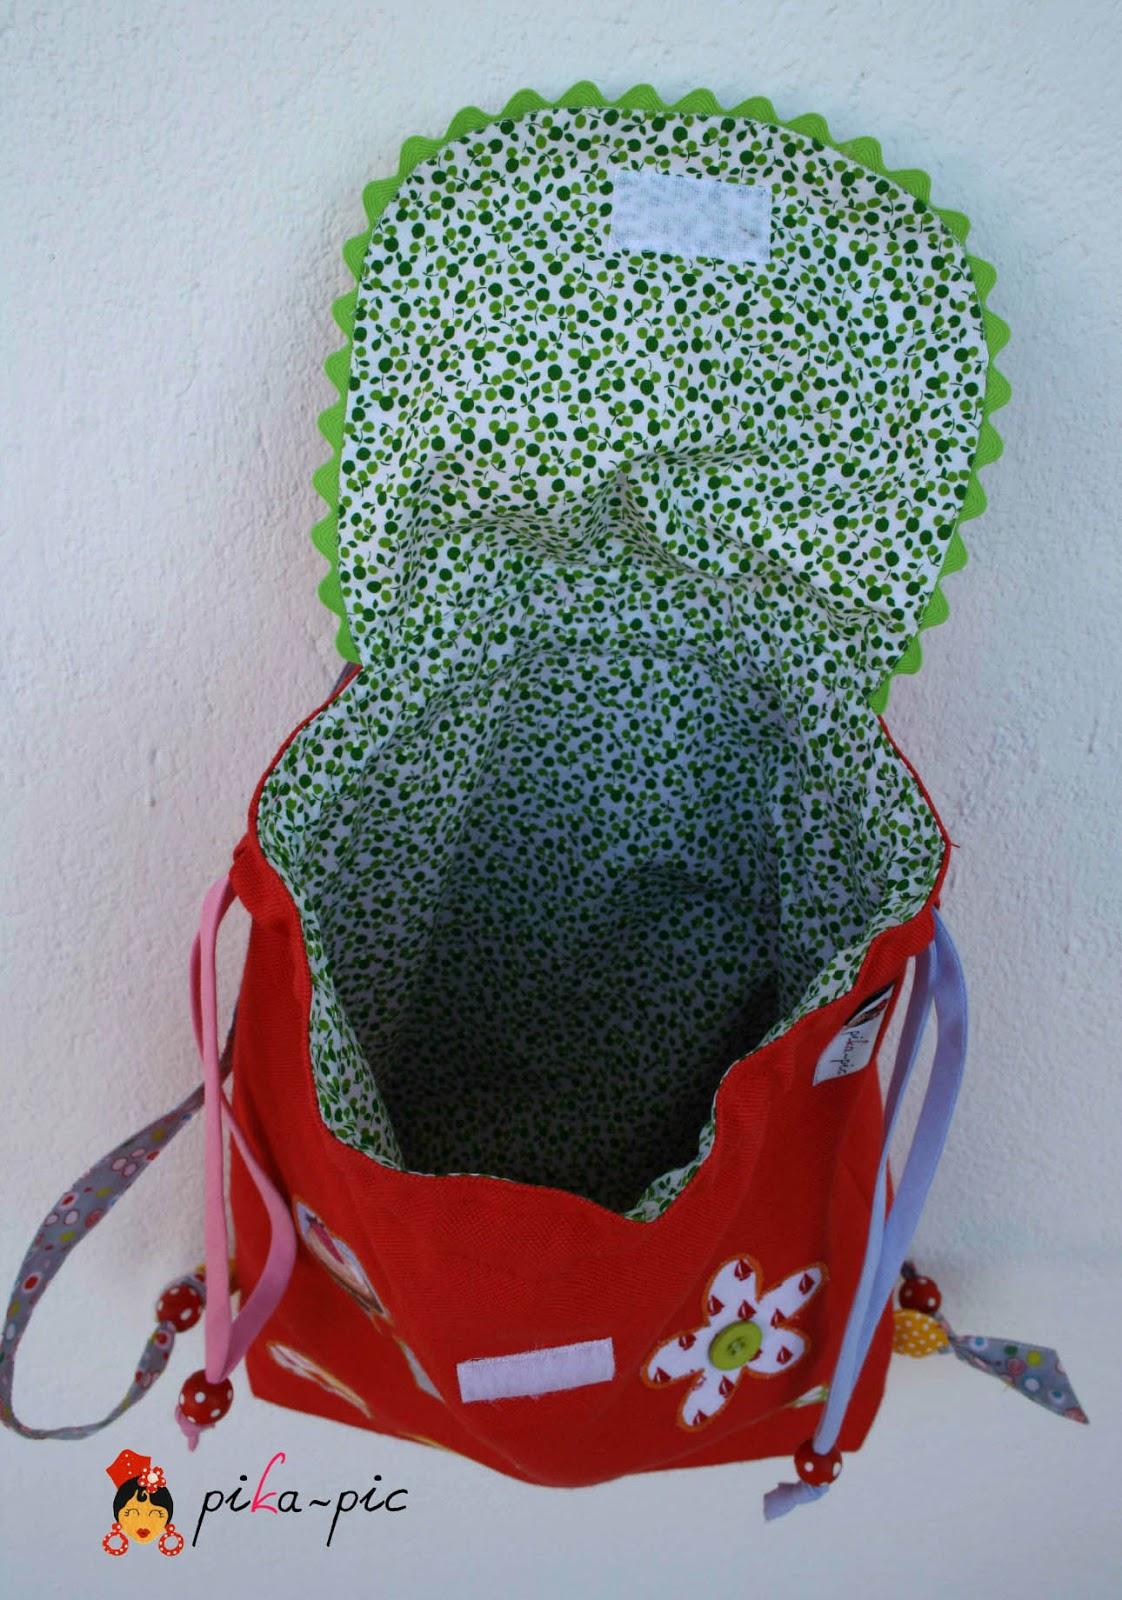 Imagenes Corazones Con Flores - Corazones y Flores Colecciones de fotografías, fotos e